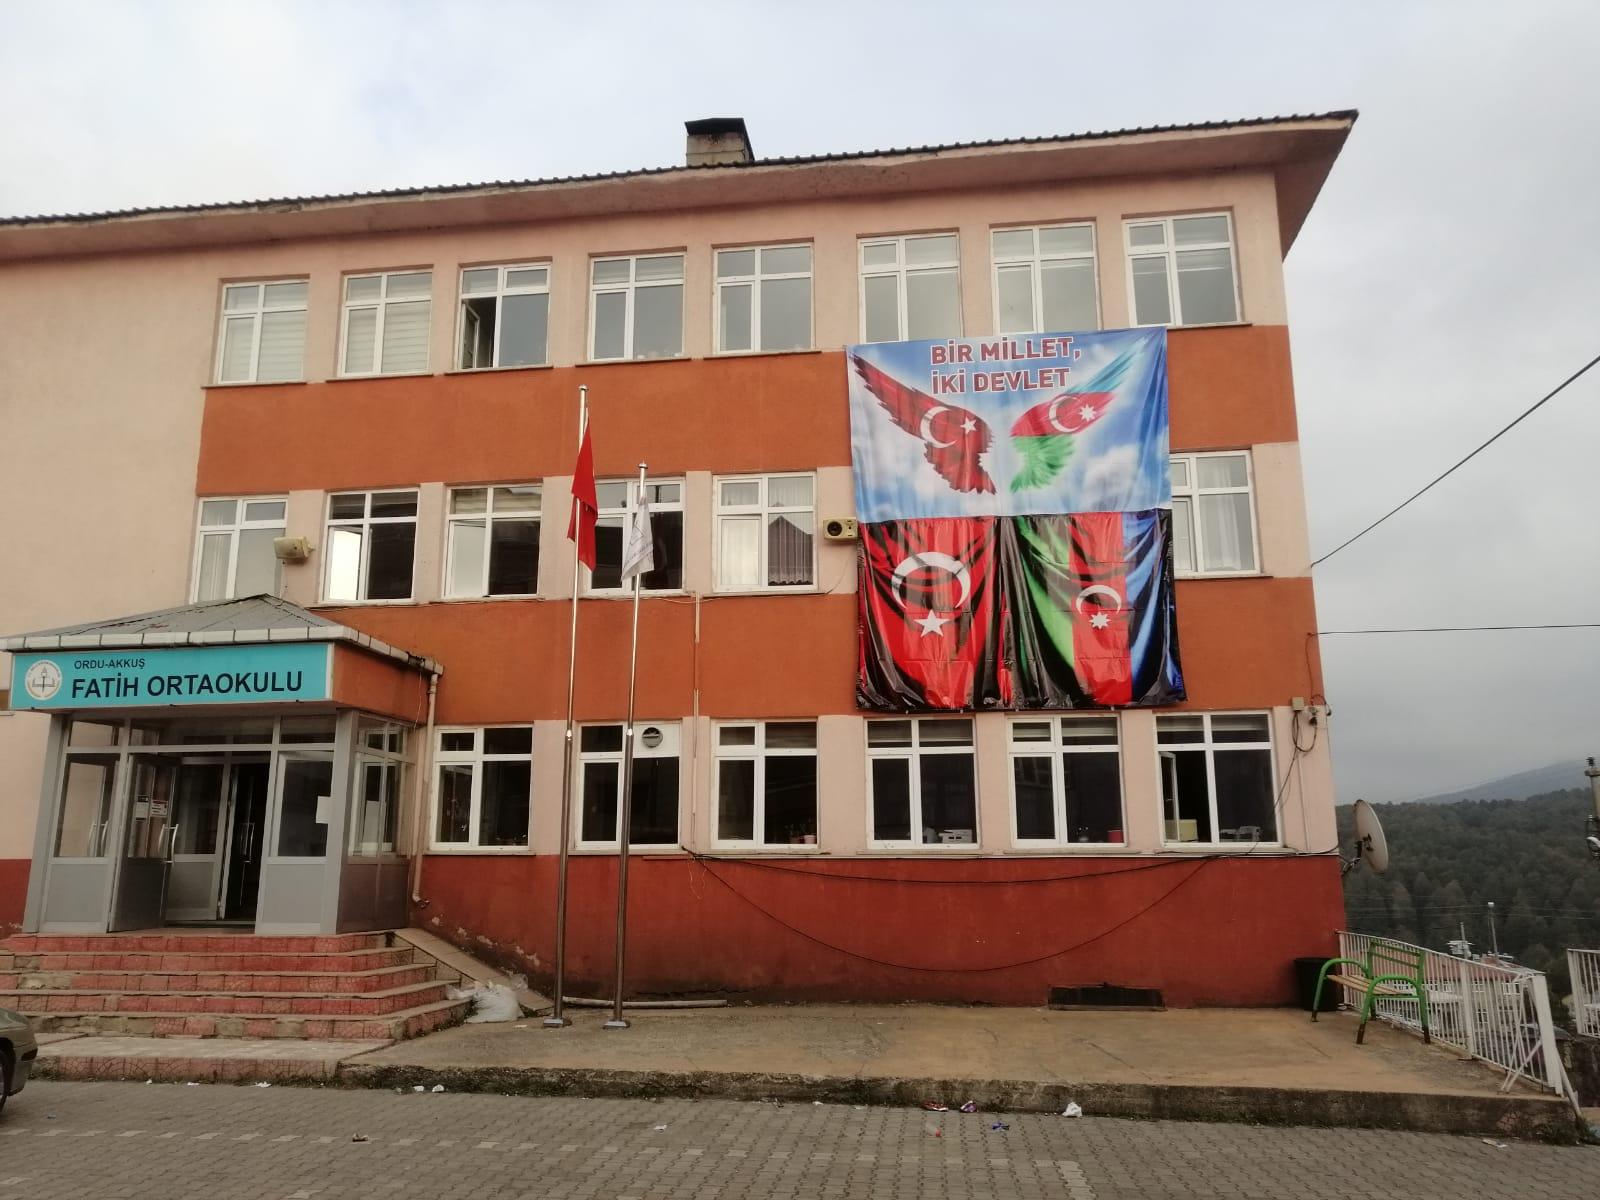 Akkuş Fatih Ortaokulundan kardeş ülke Azerbaycan'a anlamlı destek...